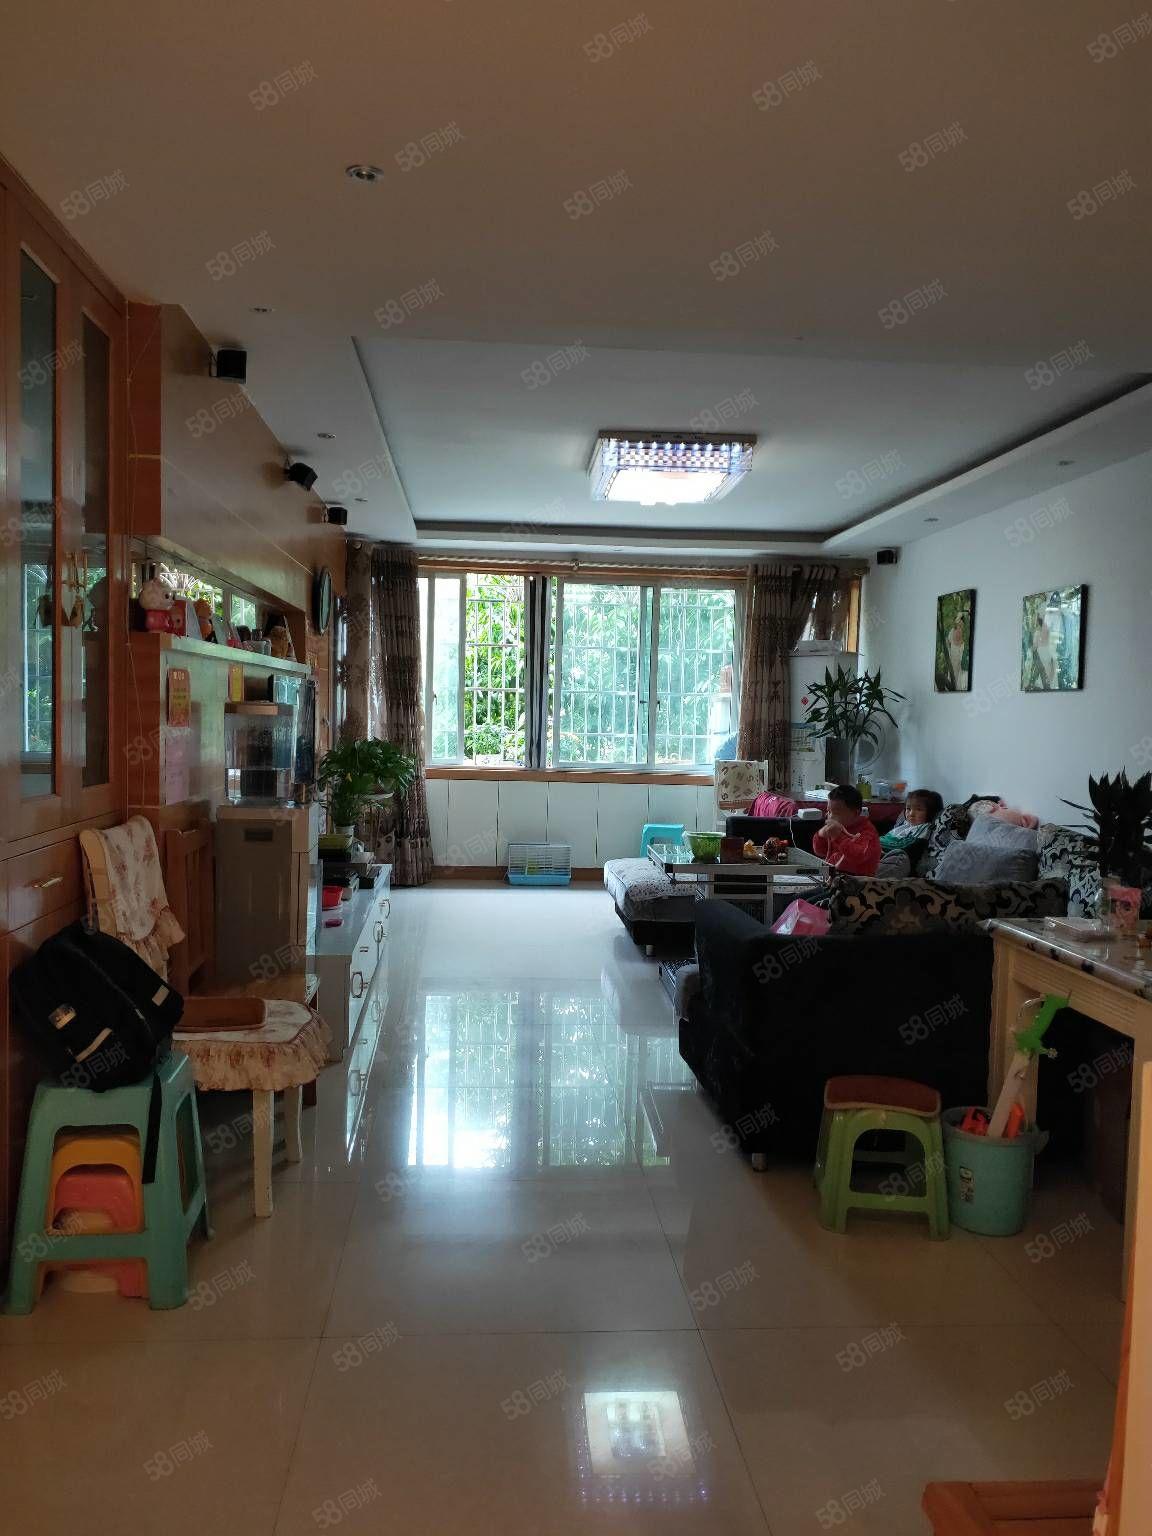 出售龙里中兴嘉园2楼119平精装3室2厅2卫台售价58.6万